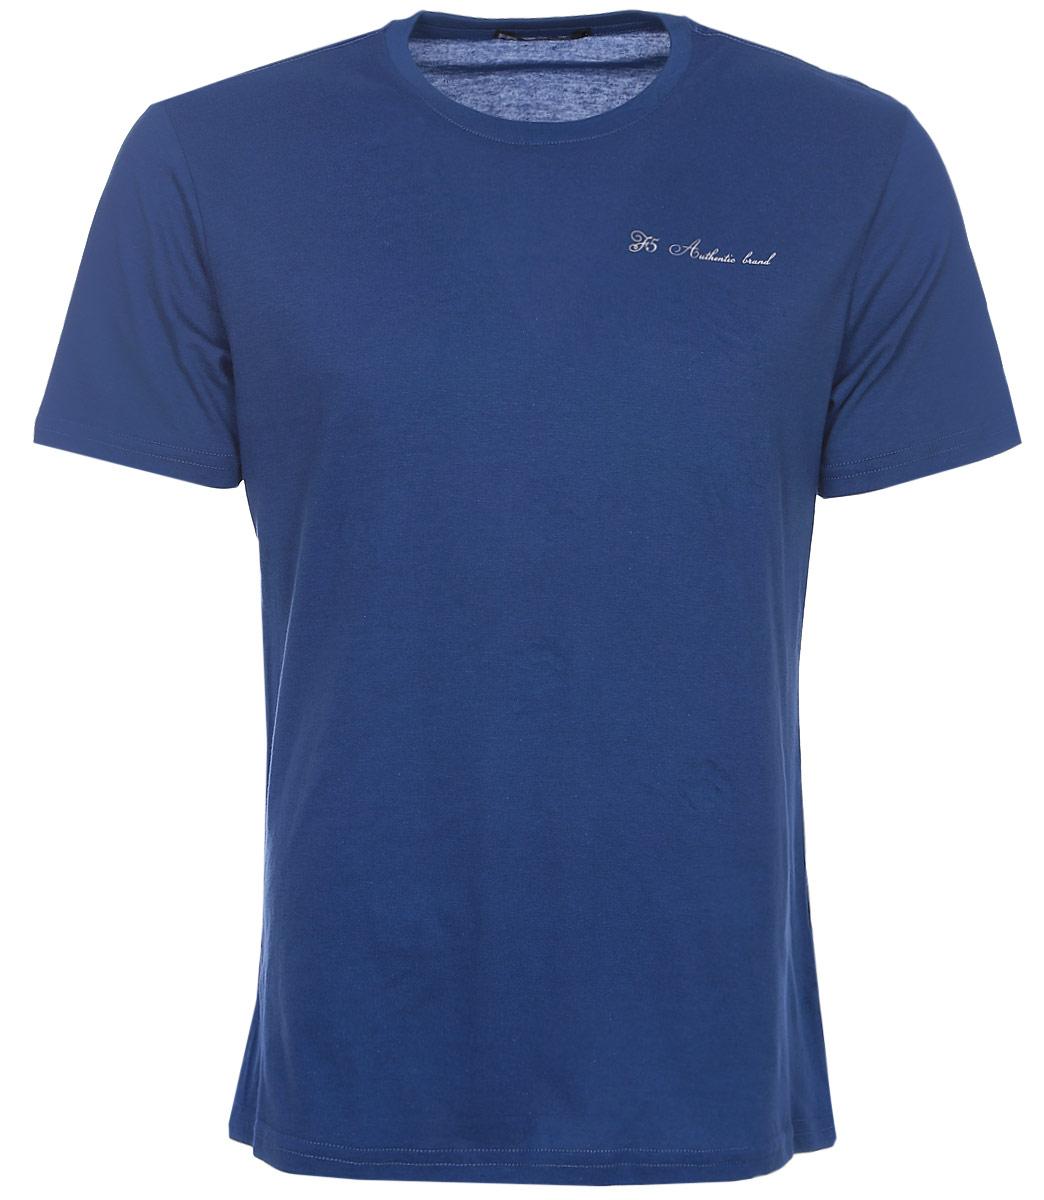 Футболка мужская F5, цвет: синий. 170095_02285. Размер S (46)170095_02285/Trace, TR Plain, indigoМужская футболка F5, изготовленная из качественного материала, поможет создать модный образ и станет отличным дополнением к повседневному гардеробу. Модель полуприлегающего кроя оформлена оригинальным принтом.